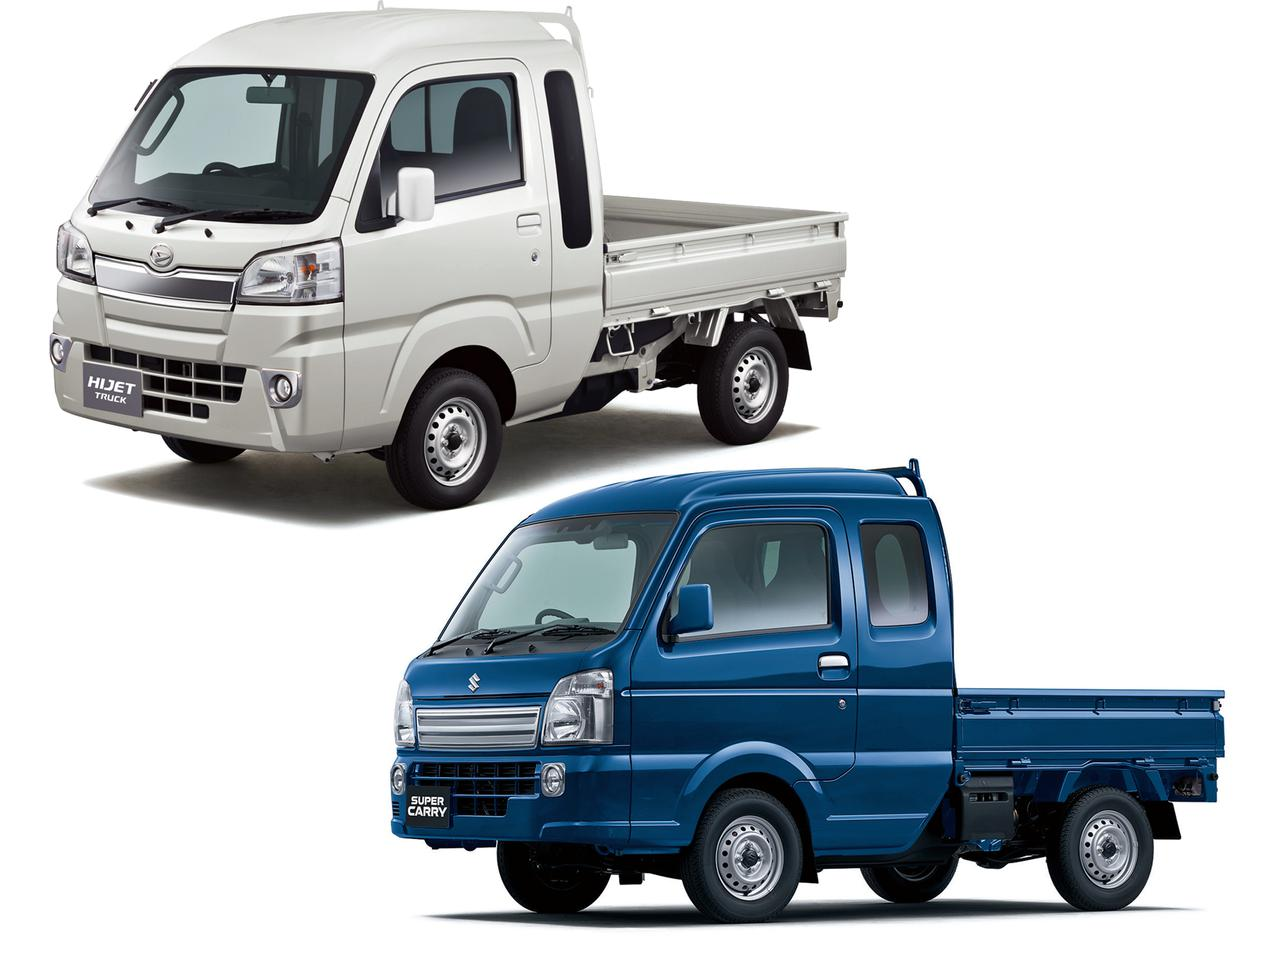 スズキとダイハツが「CJP」プロジェクトに参画。軽自動車の商用車事業でCASE普及などを目指す